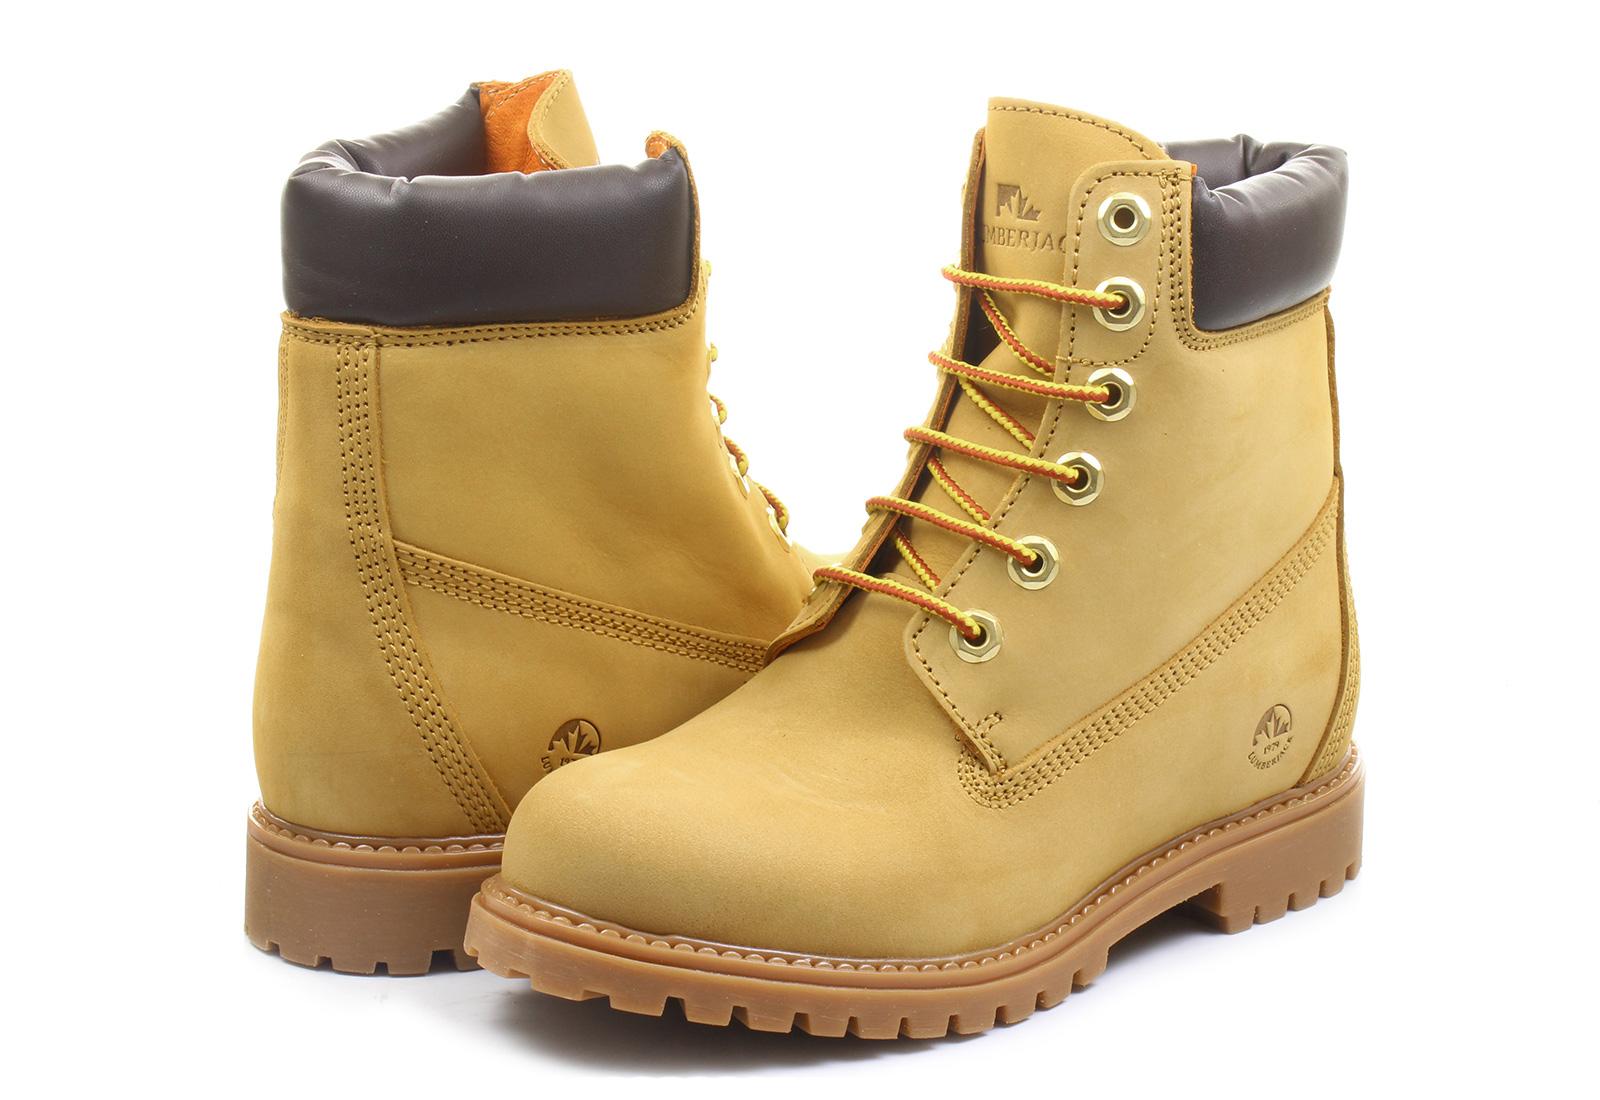 Lumberjack Boots RIVER Réduction Fiable Acheter Plus Bas Prix Pas Cher Où Acheter Des Biens Pas Cher Footaction ZJffvu9O